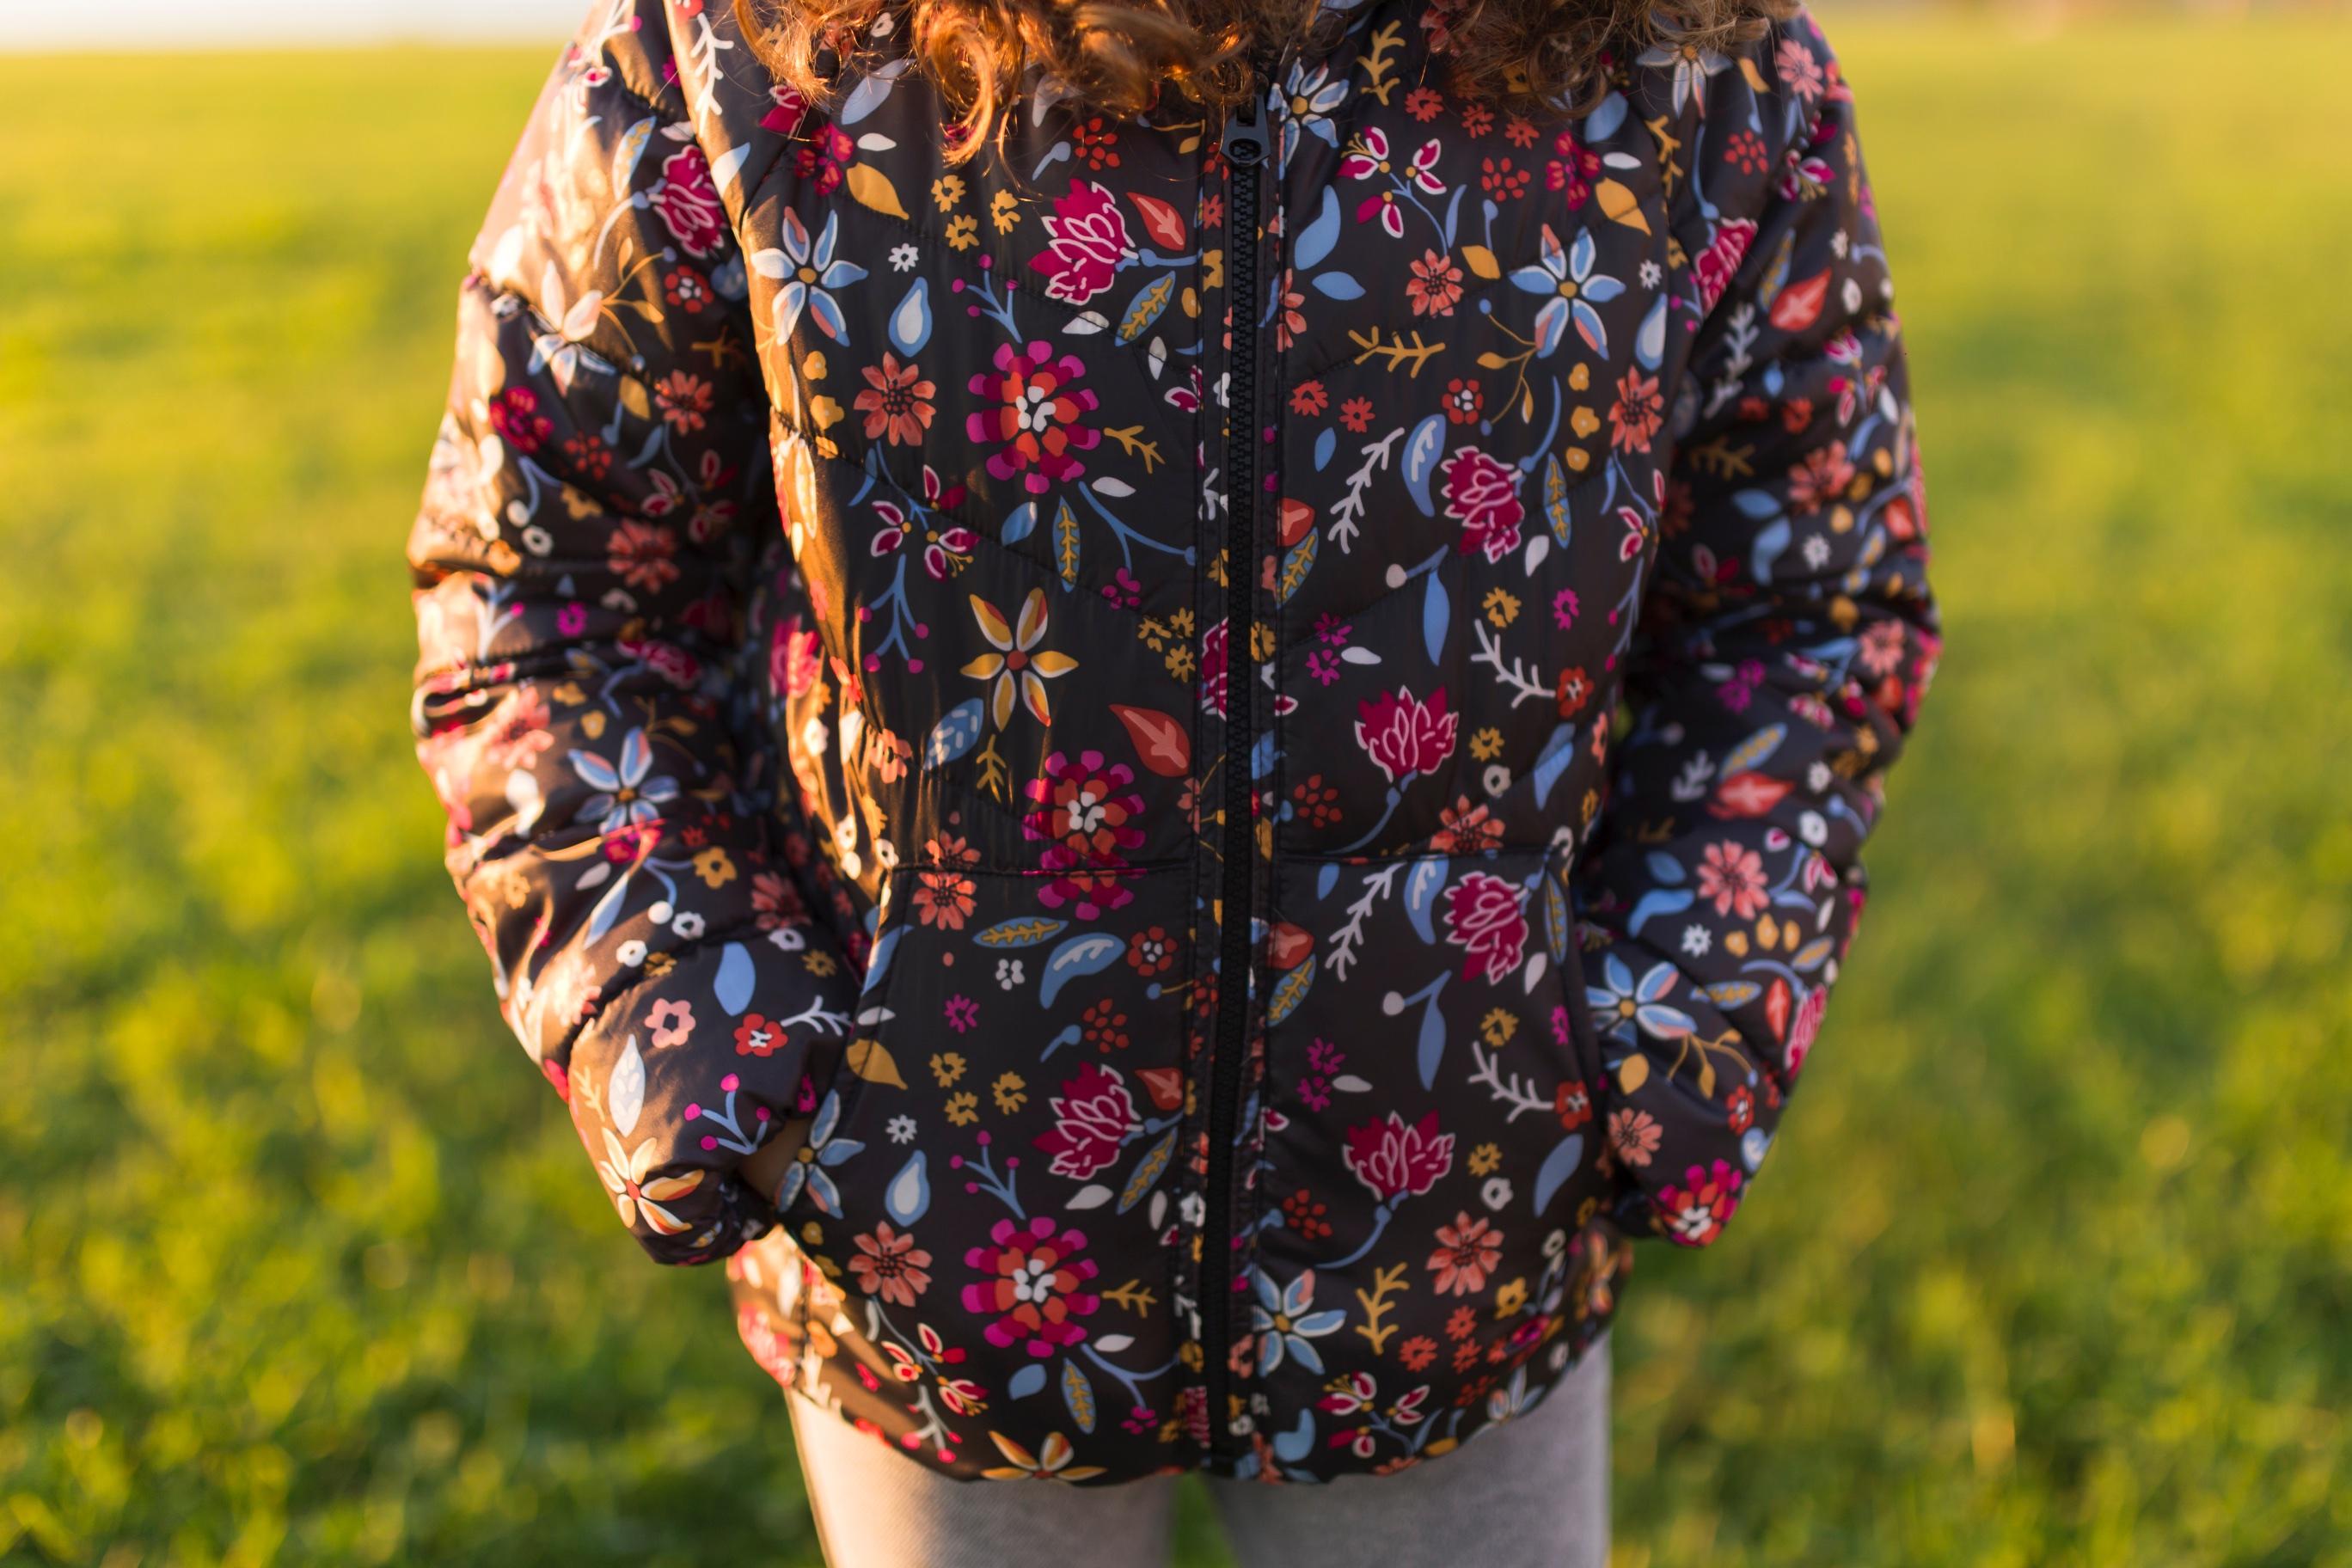 jimena-look-cazadora-zara-kids-style-descalzaporelparque-moda infantil-niñablogger